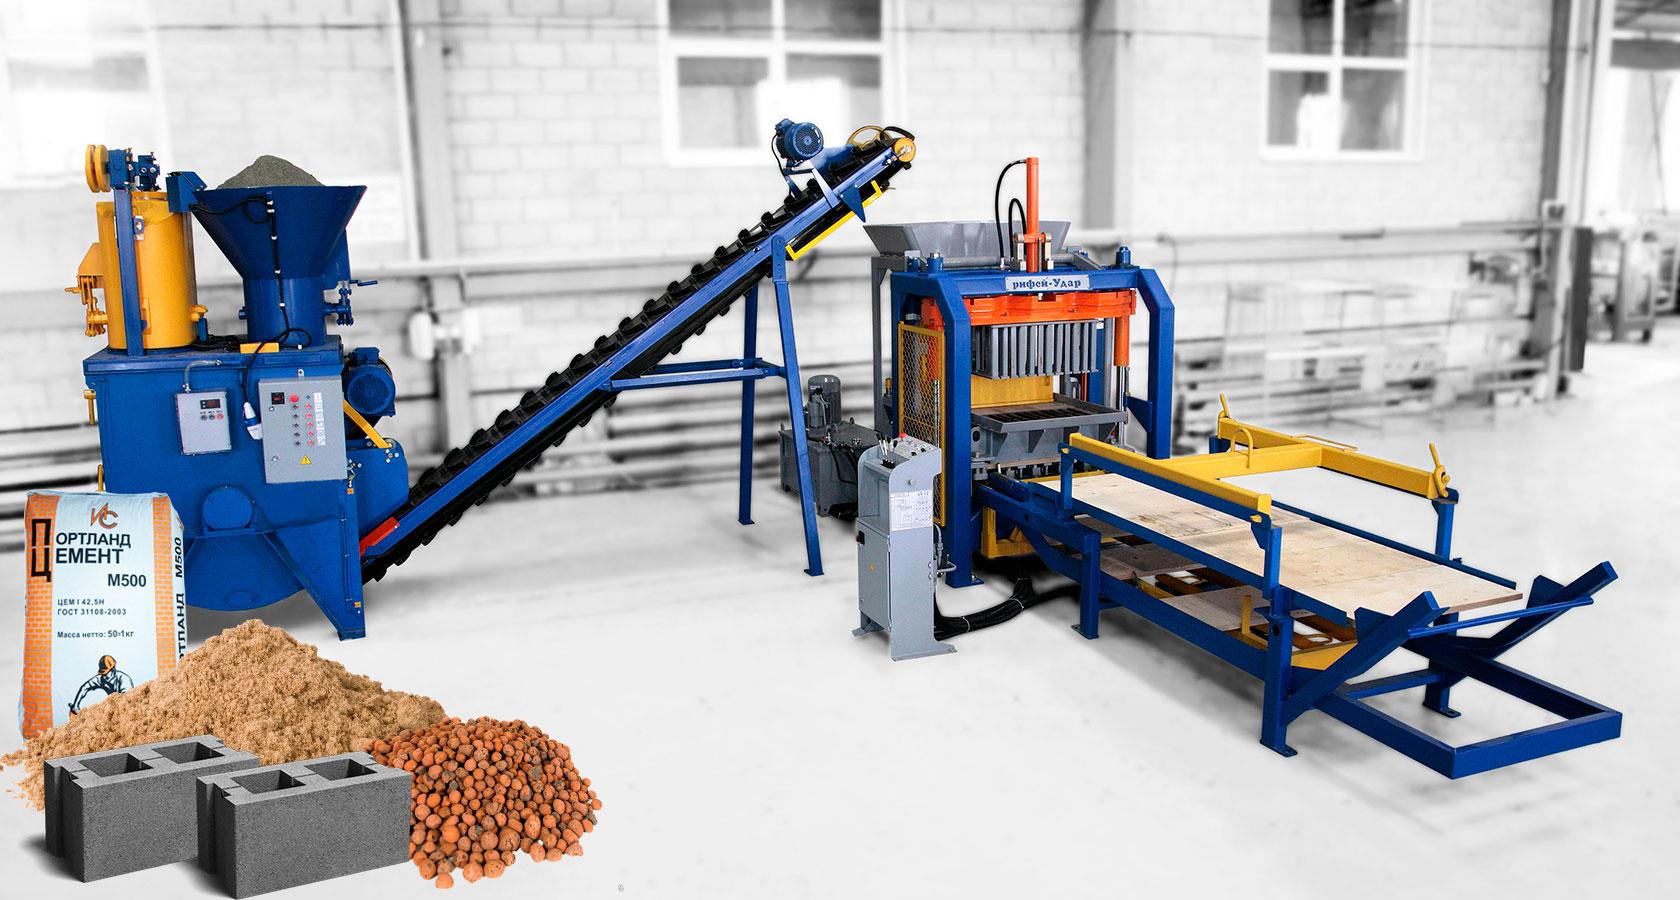 Керамзитобетон блоки производство чем разрушить бетон купить